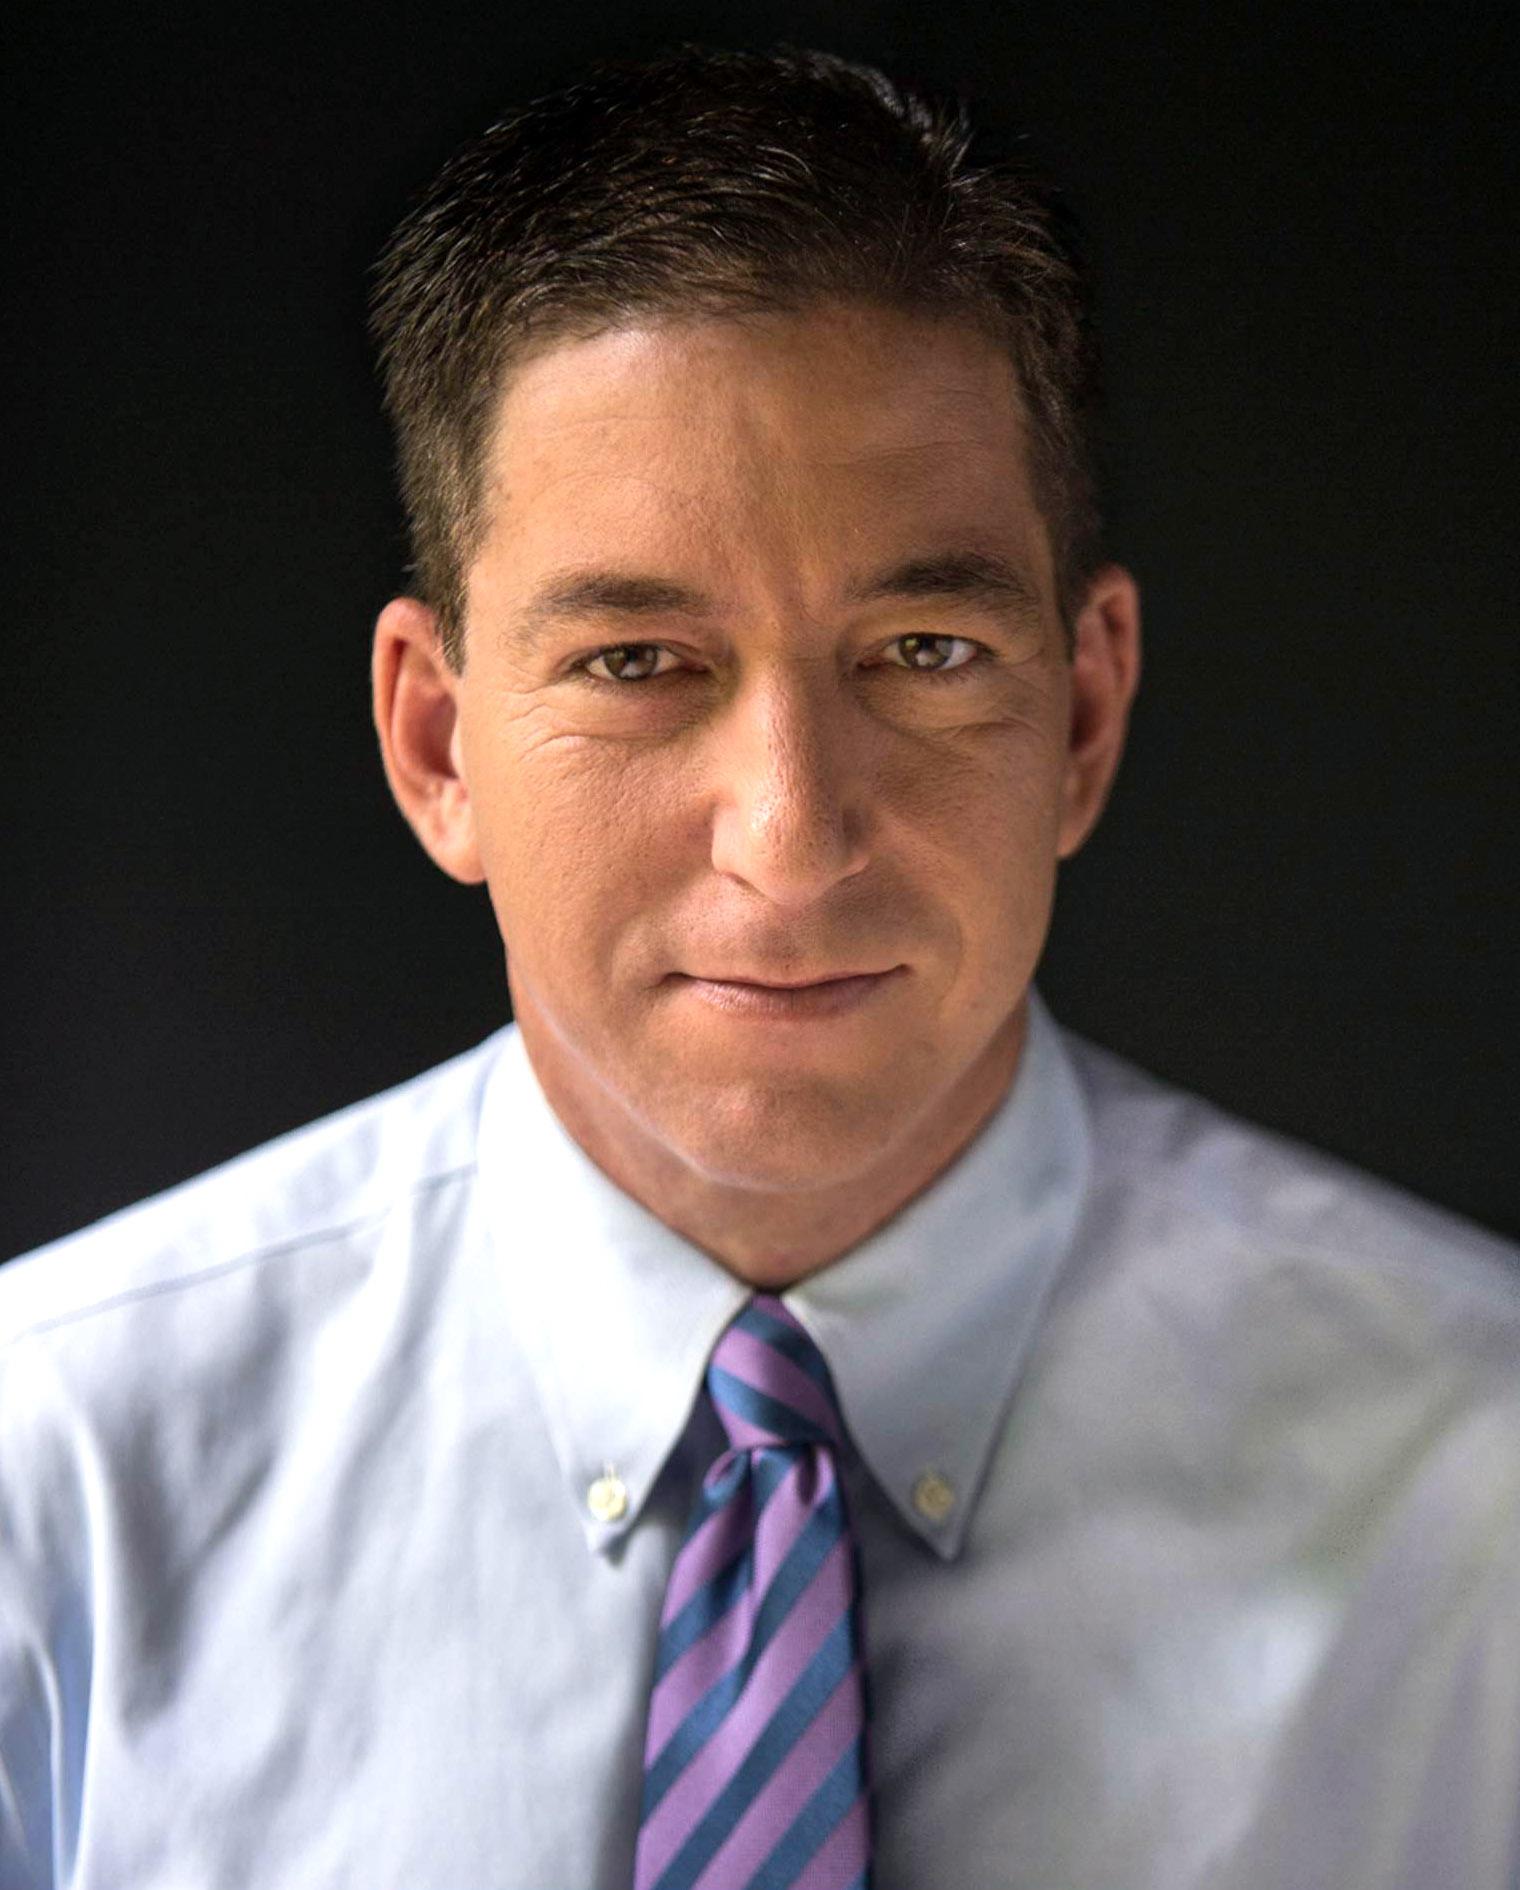 Veja o que saiu no Migalhas sobre Glenn Greenwald